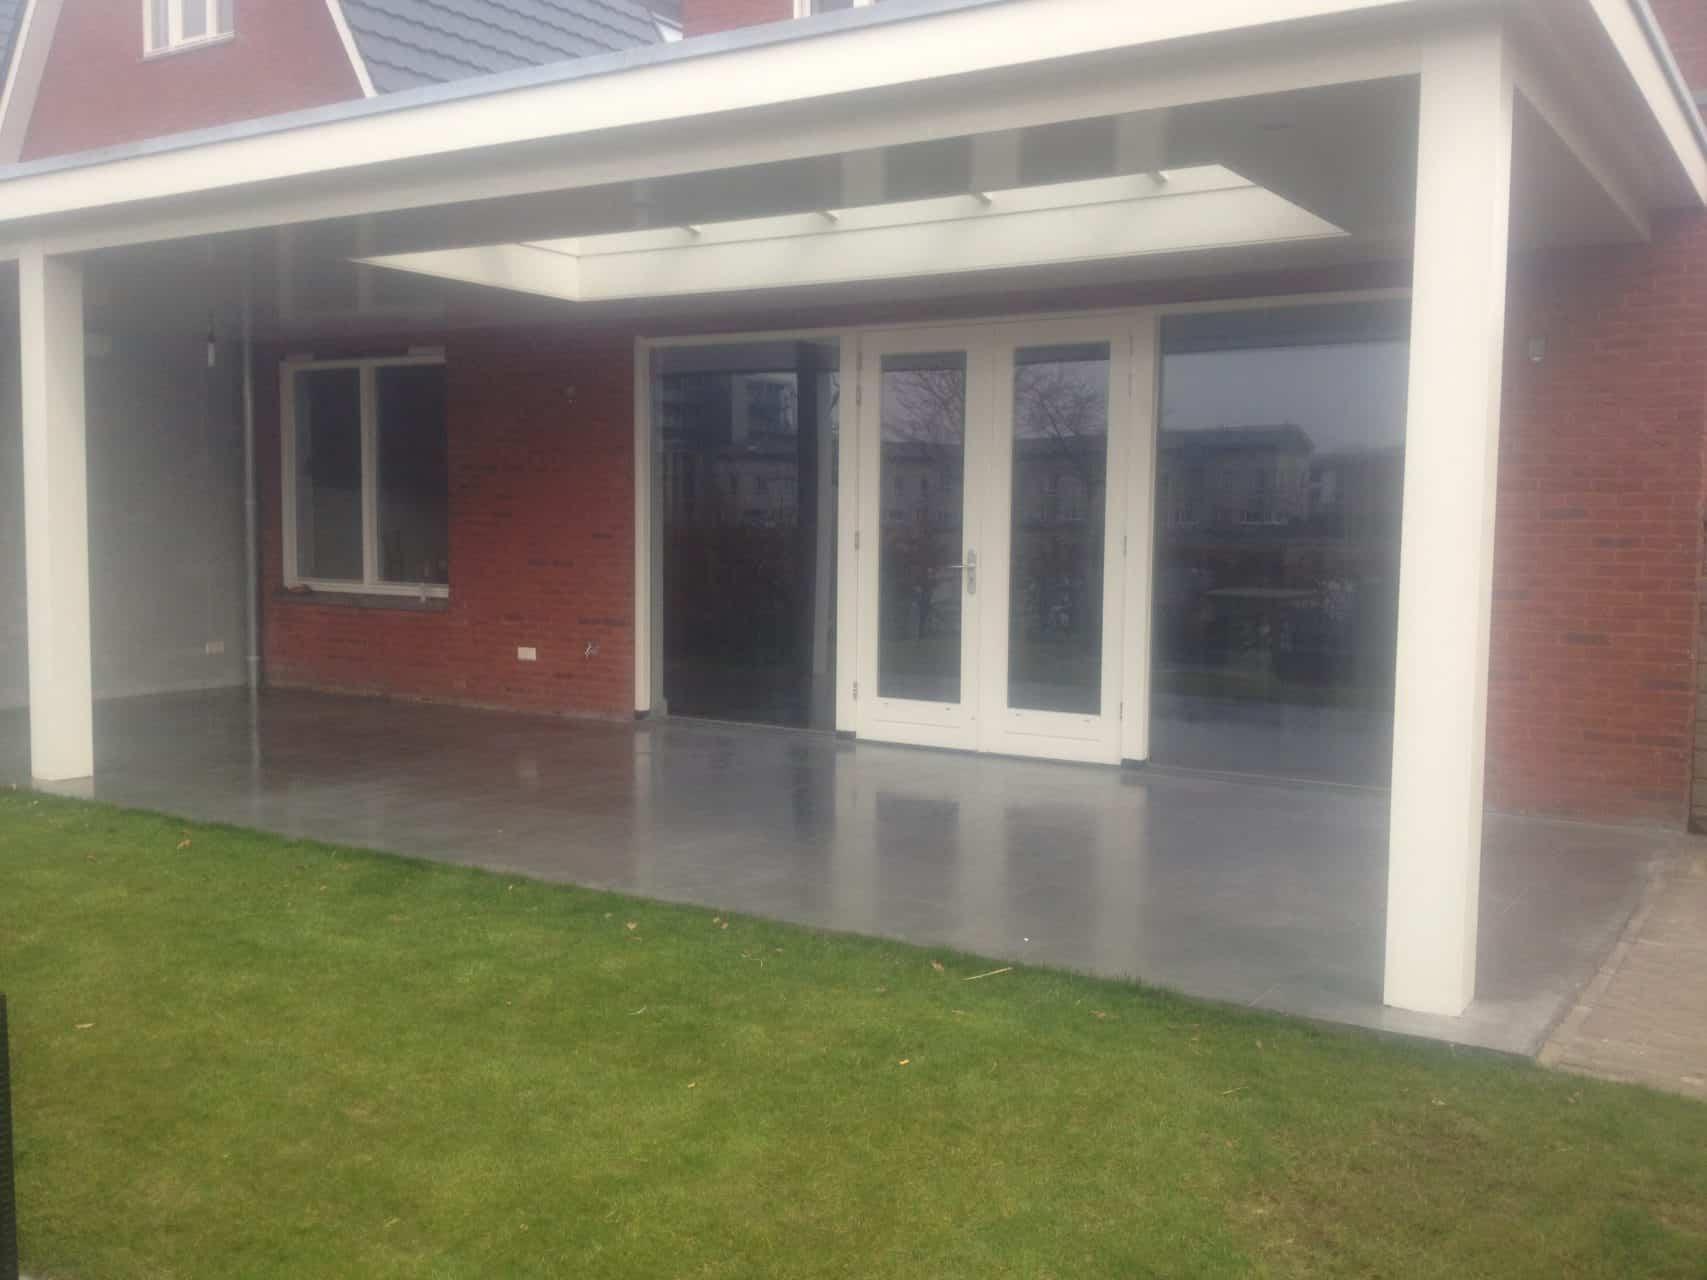 Beton terras design in vele kleuren willem designvloeren - Beelden van verandas ...